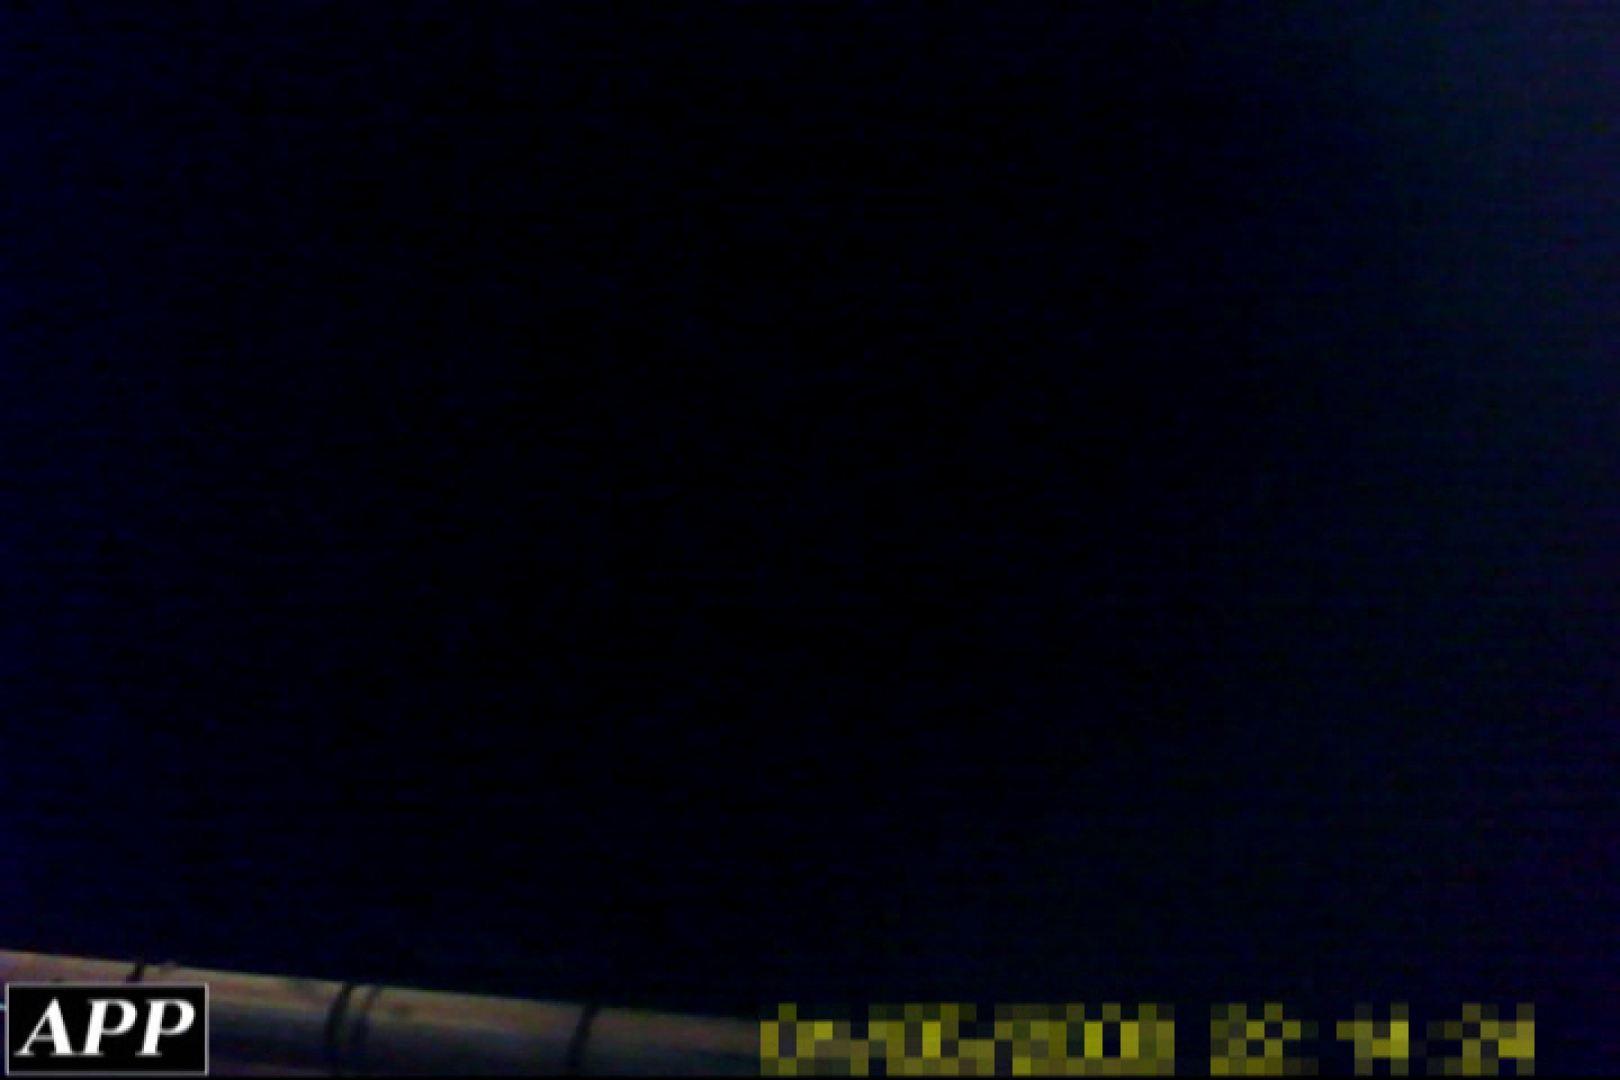 3視点洗面所 vol.114 盗撮 隠し撮りオマンコ動画紹介 99画像 38